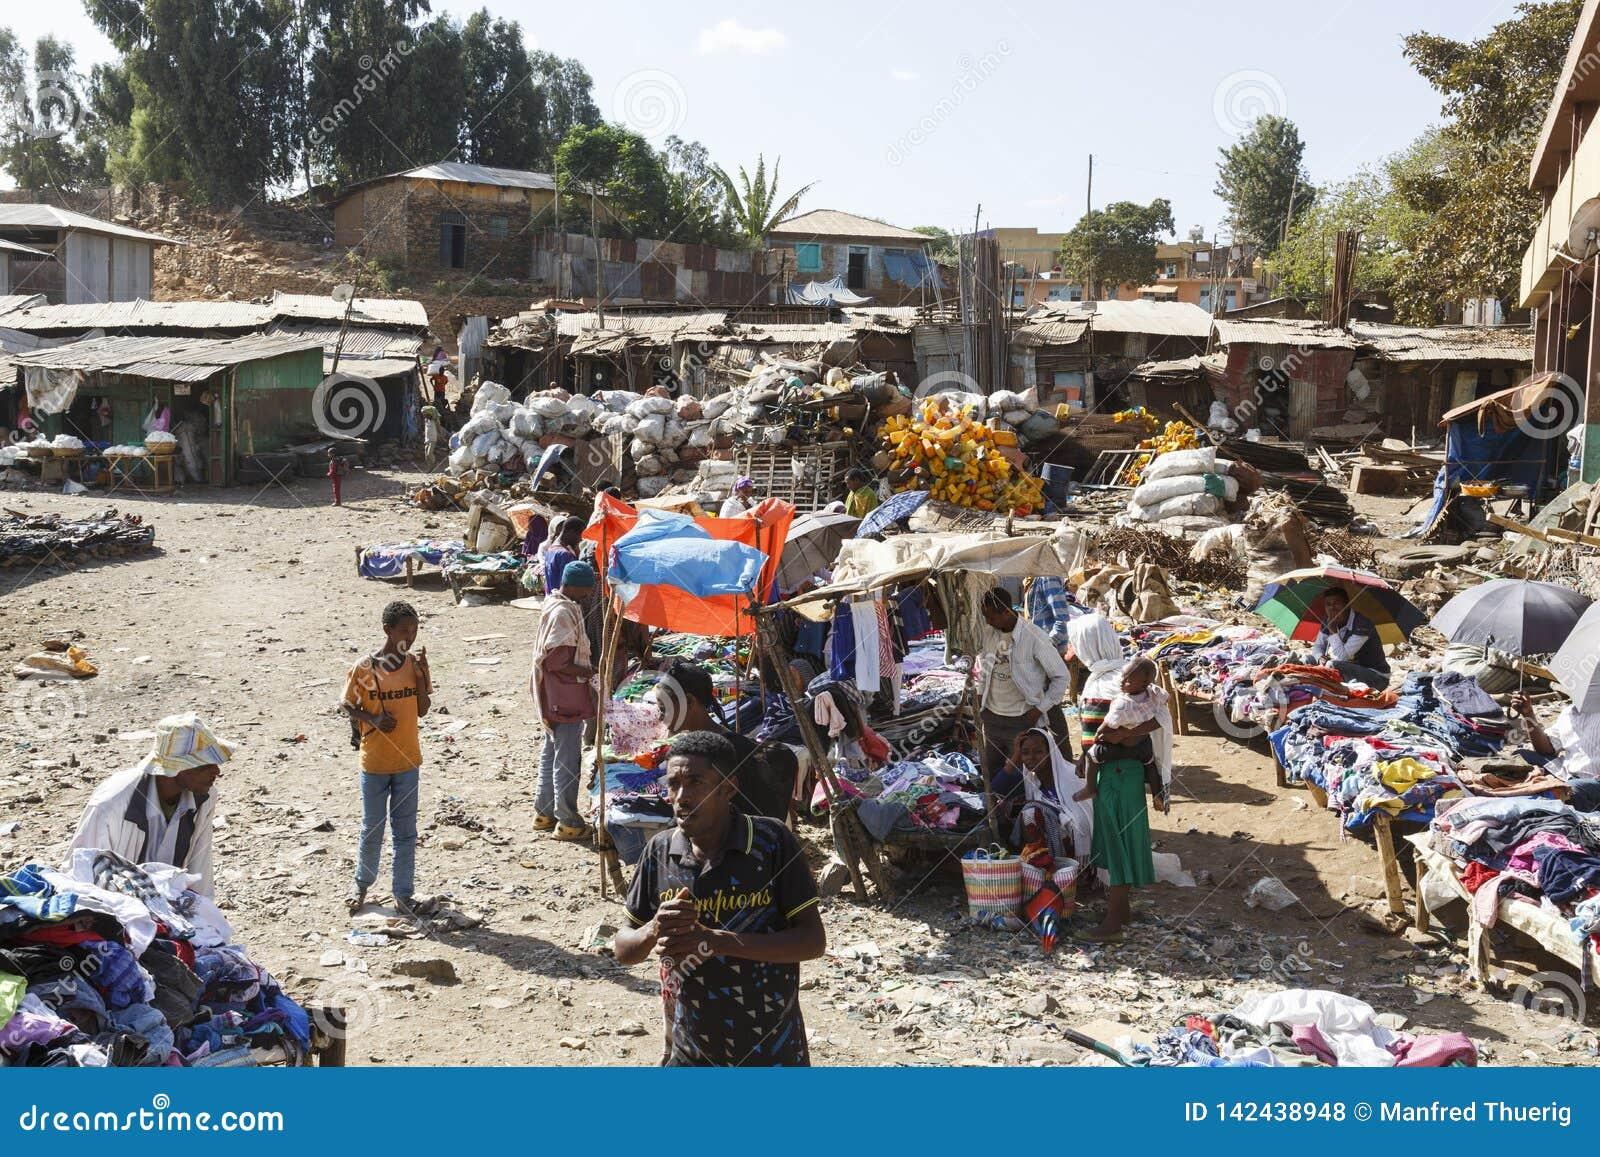 Bahir Dar, Ethiopië, 14 Februari 2015: Marktscène in Bahir Dar, waar de goederen van alle soorten voor verkoop worden aangeboden